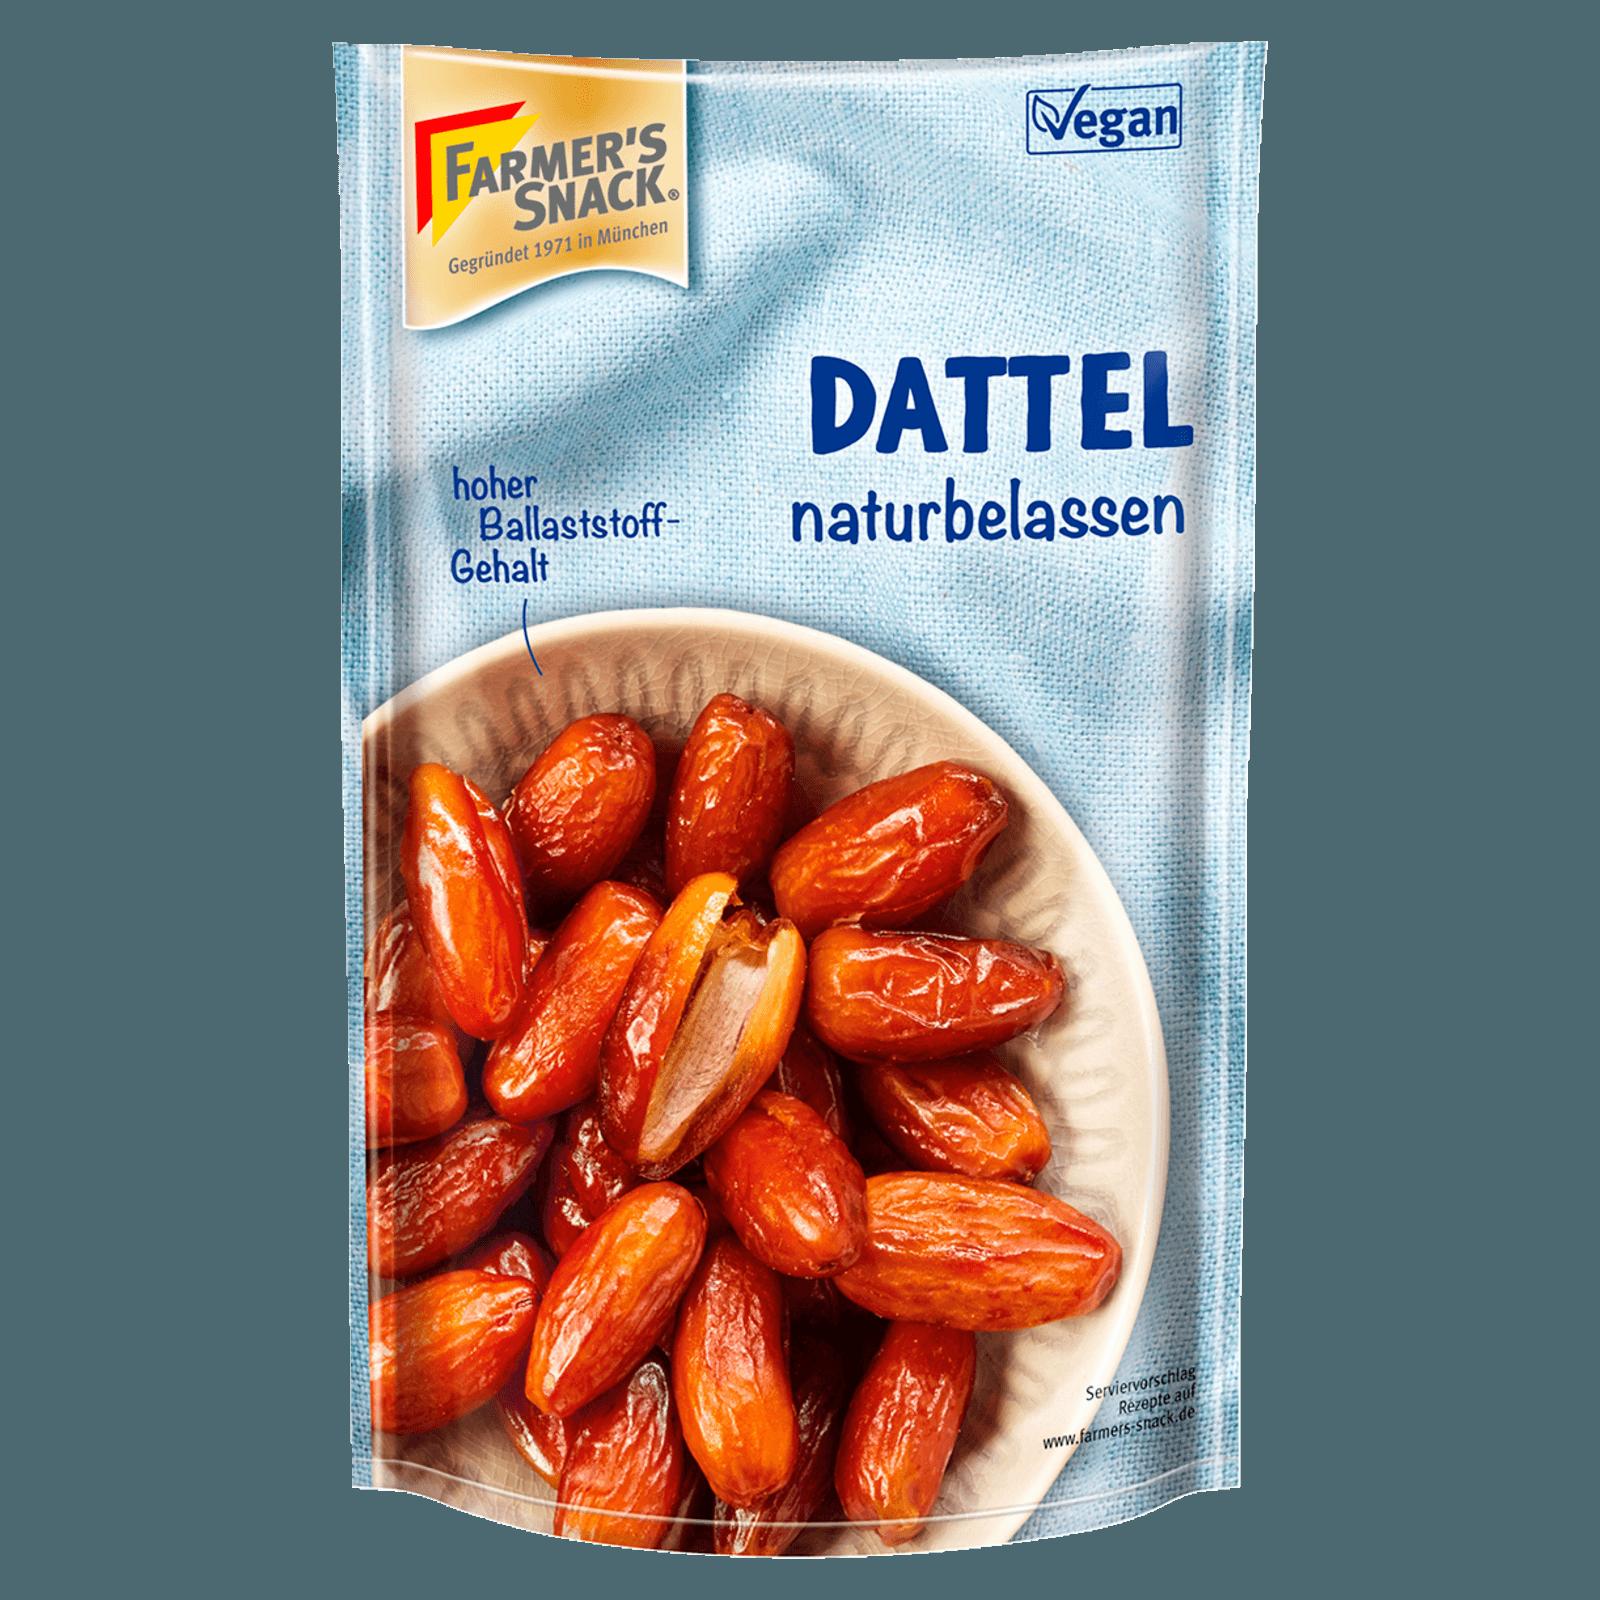 Farmer's Snack Dattel 200g